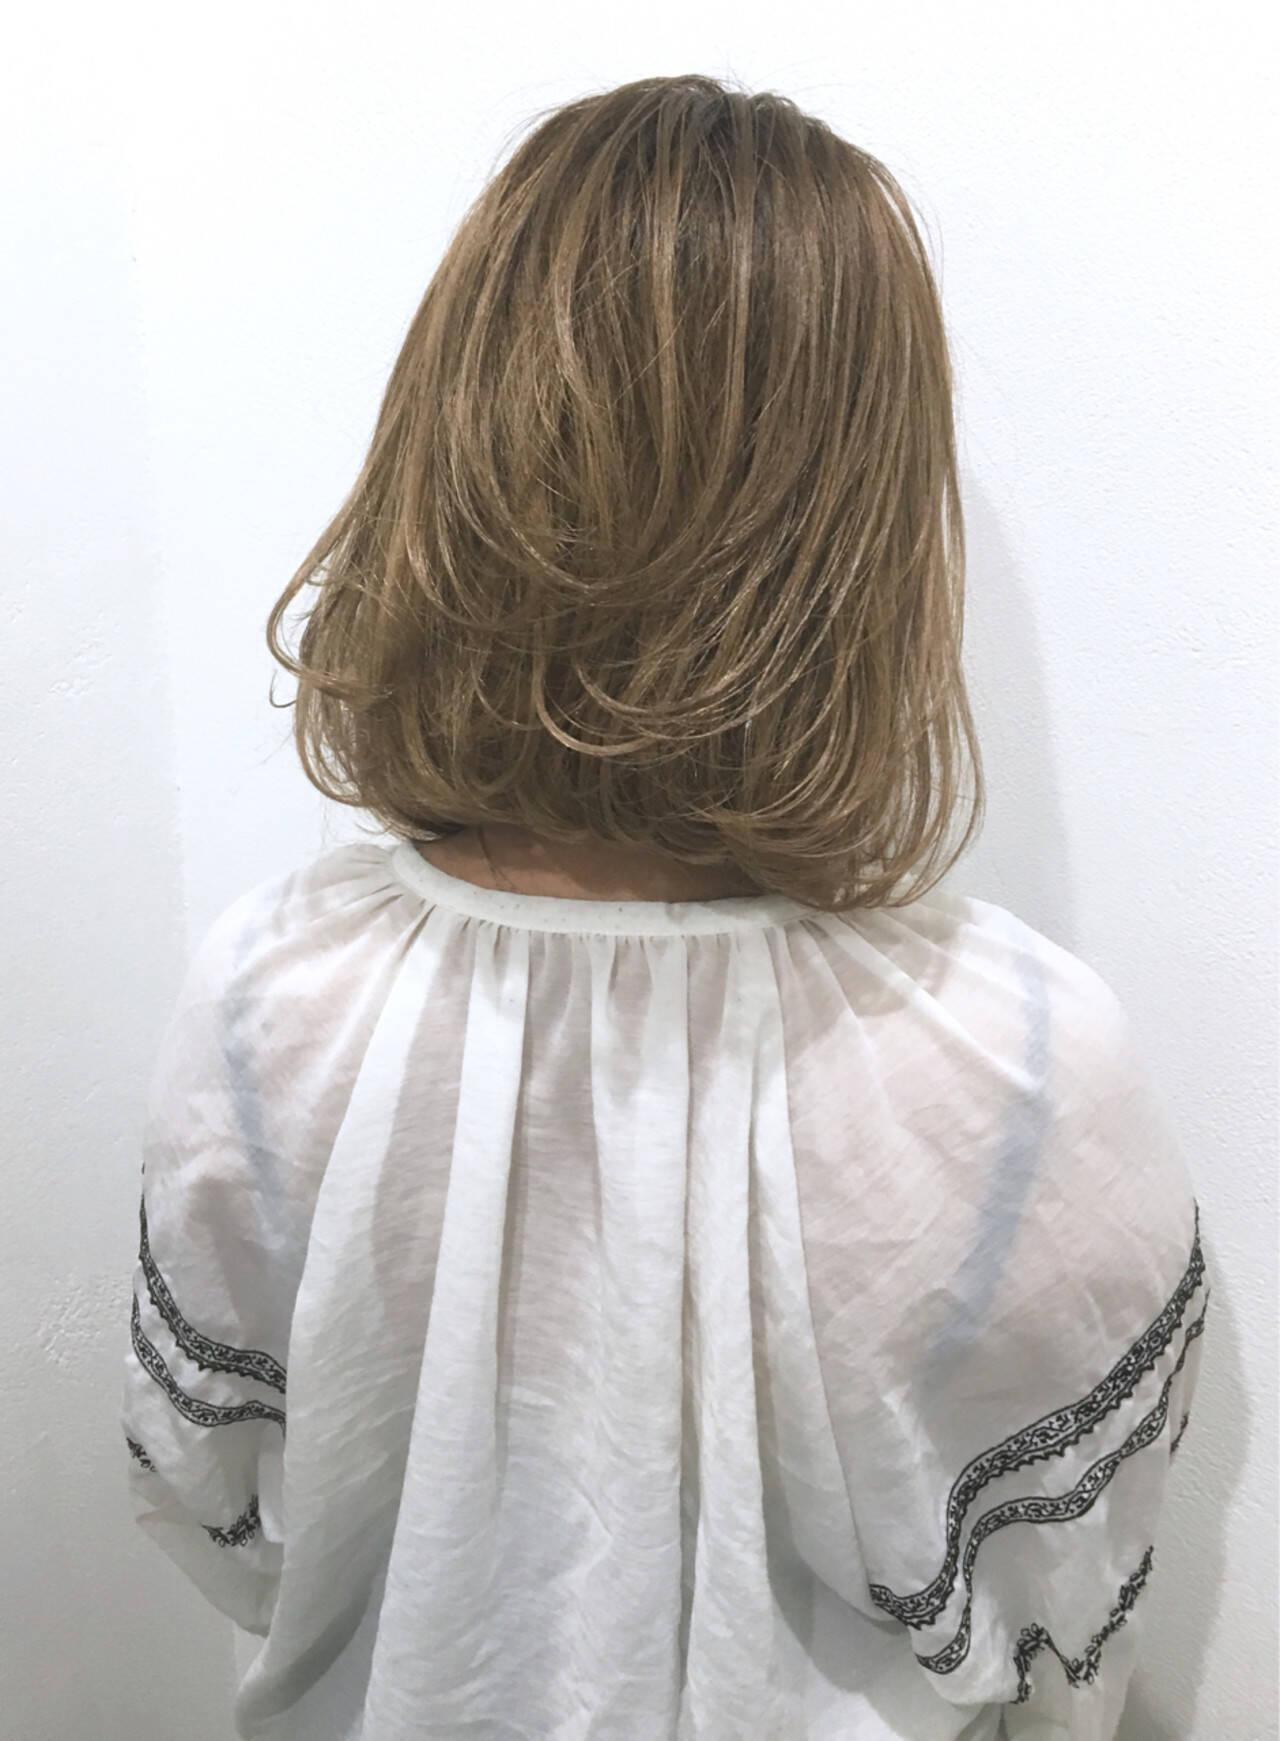 ナチュラル ミルクティー ミディアム 切りっぱなしヘアスタイルや髪型の写真・画像